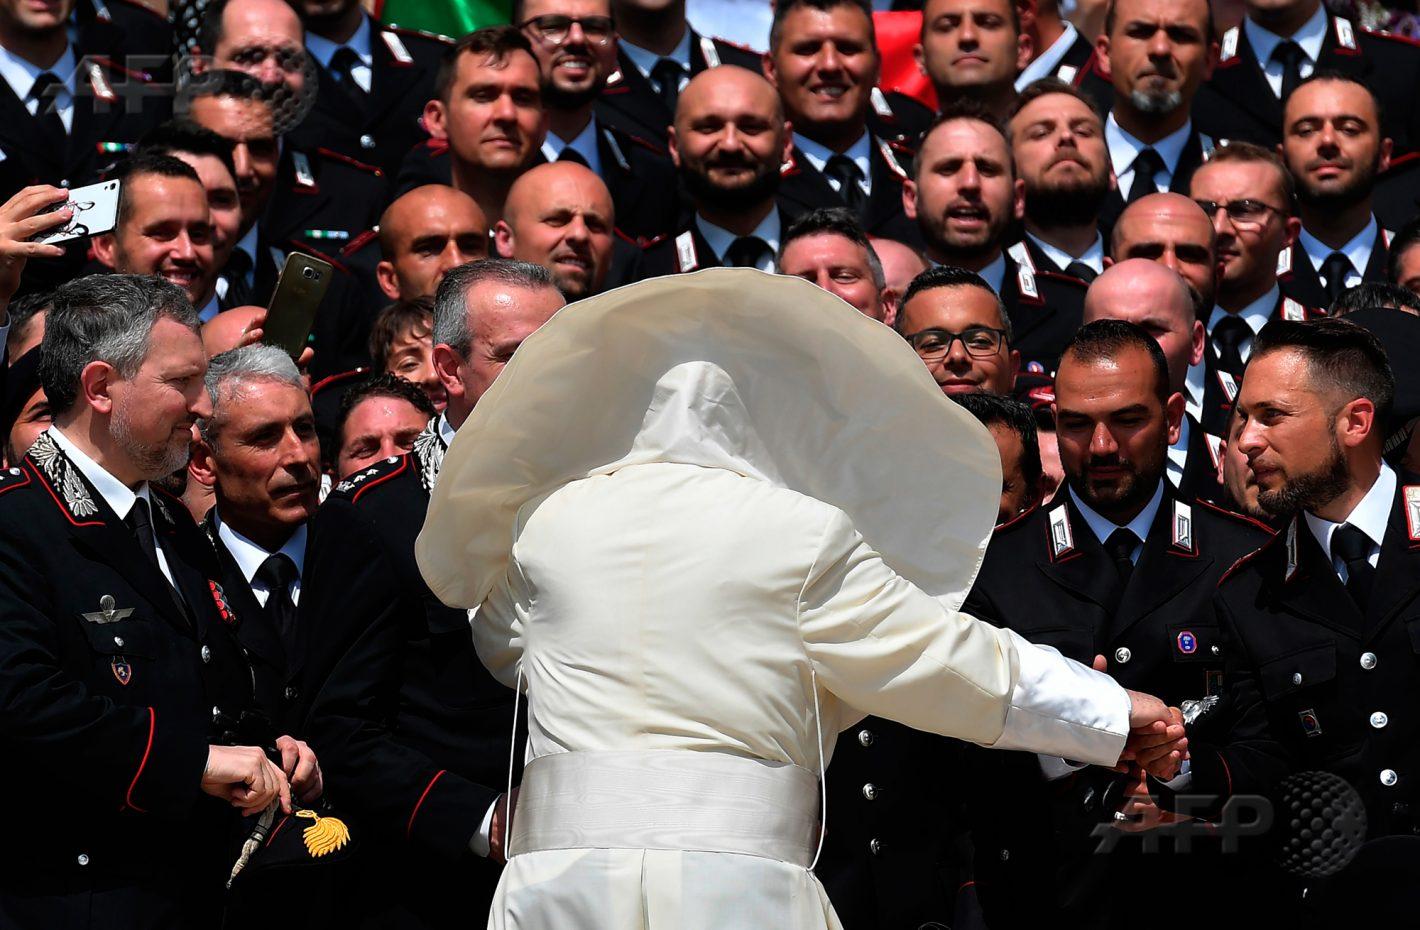 30 mai 2018 - Vatican - Une brise soulève le manteau du pape François lors d'une rencontre avec les Carabinieri durant l'audience générale sur la place Saint Pierre. AFP PHOTO / TIZIANA FABI